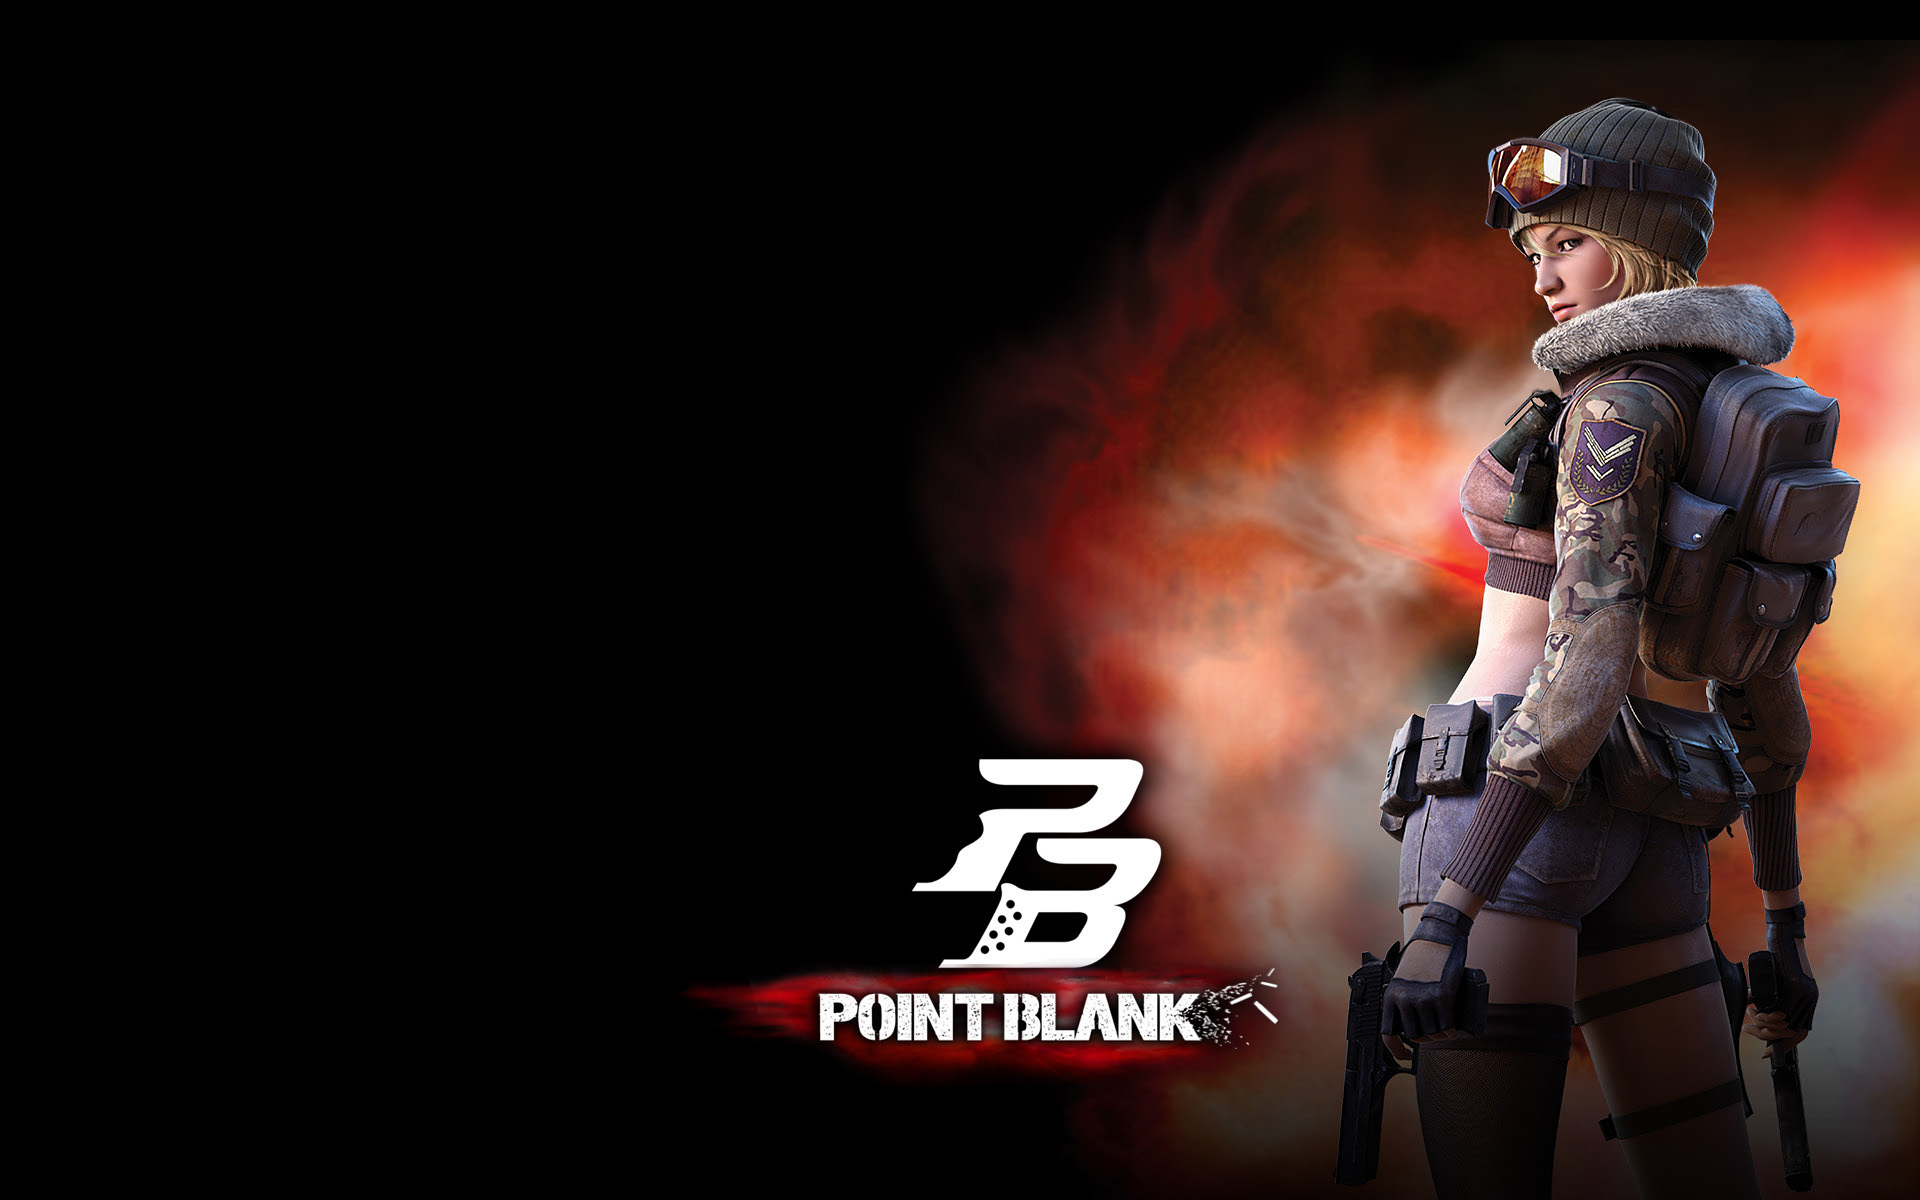 Режимы игр в Point Blank